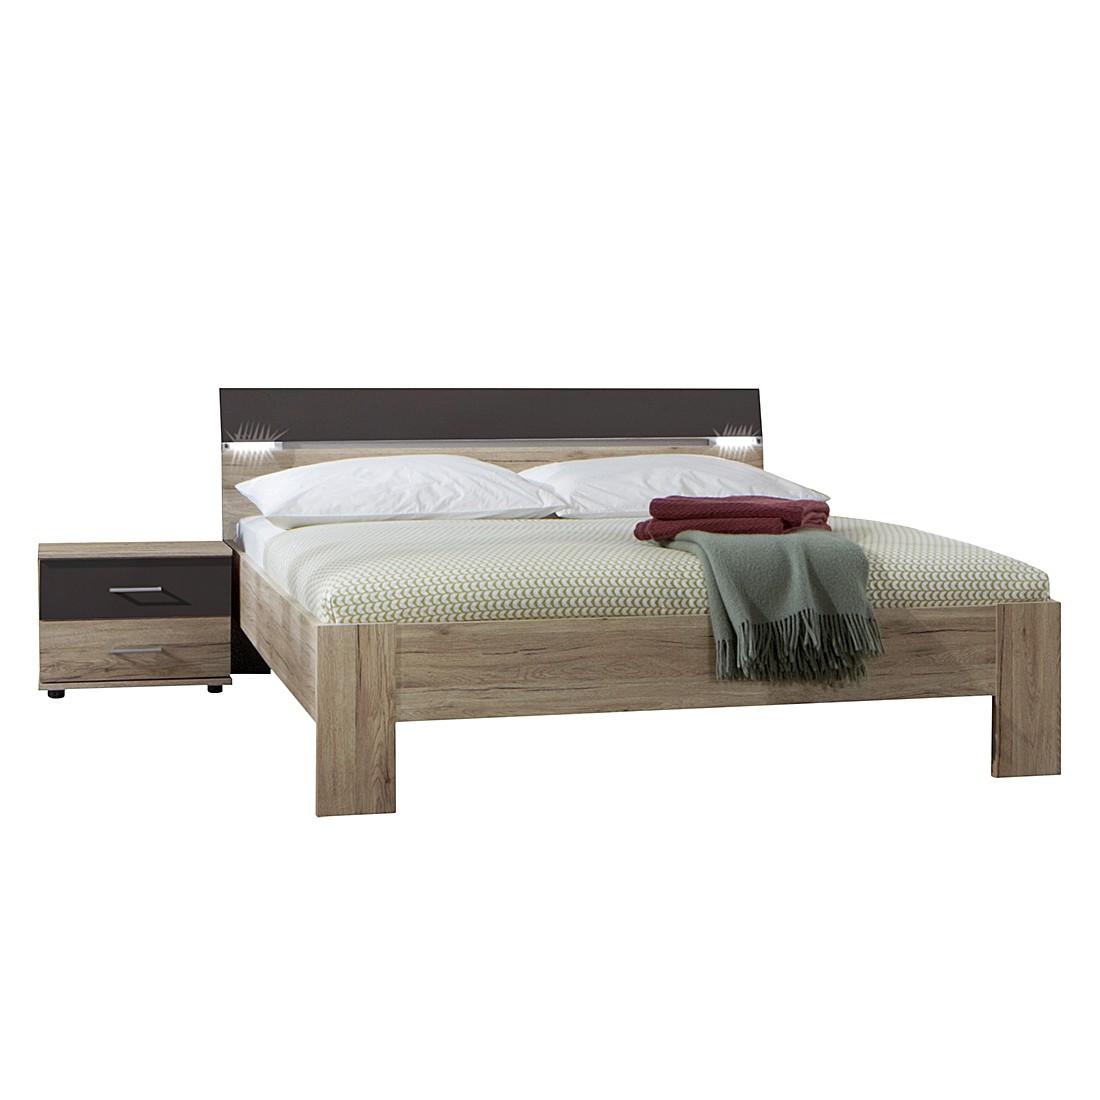 Set de chambre à coucher Saxman II (3 éléments) - Imitation chêne San Remo / Lave, Wimex